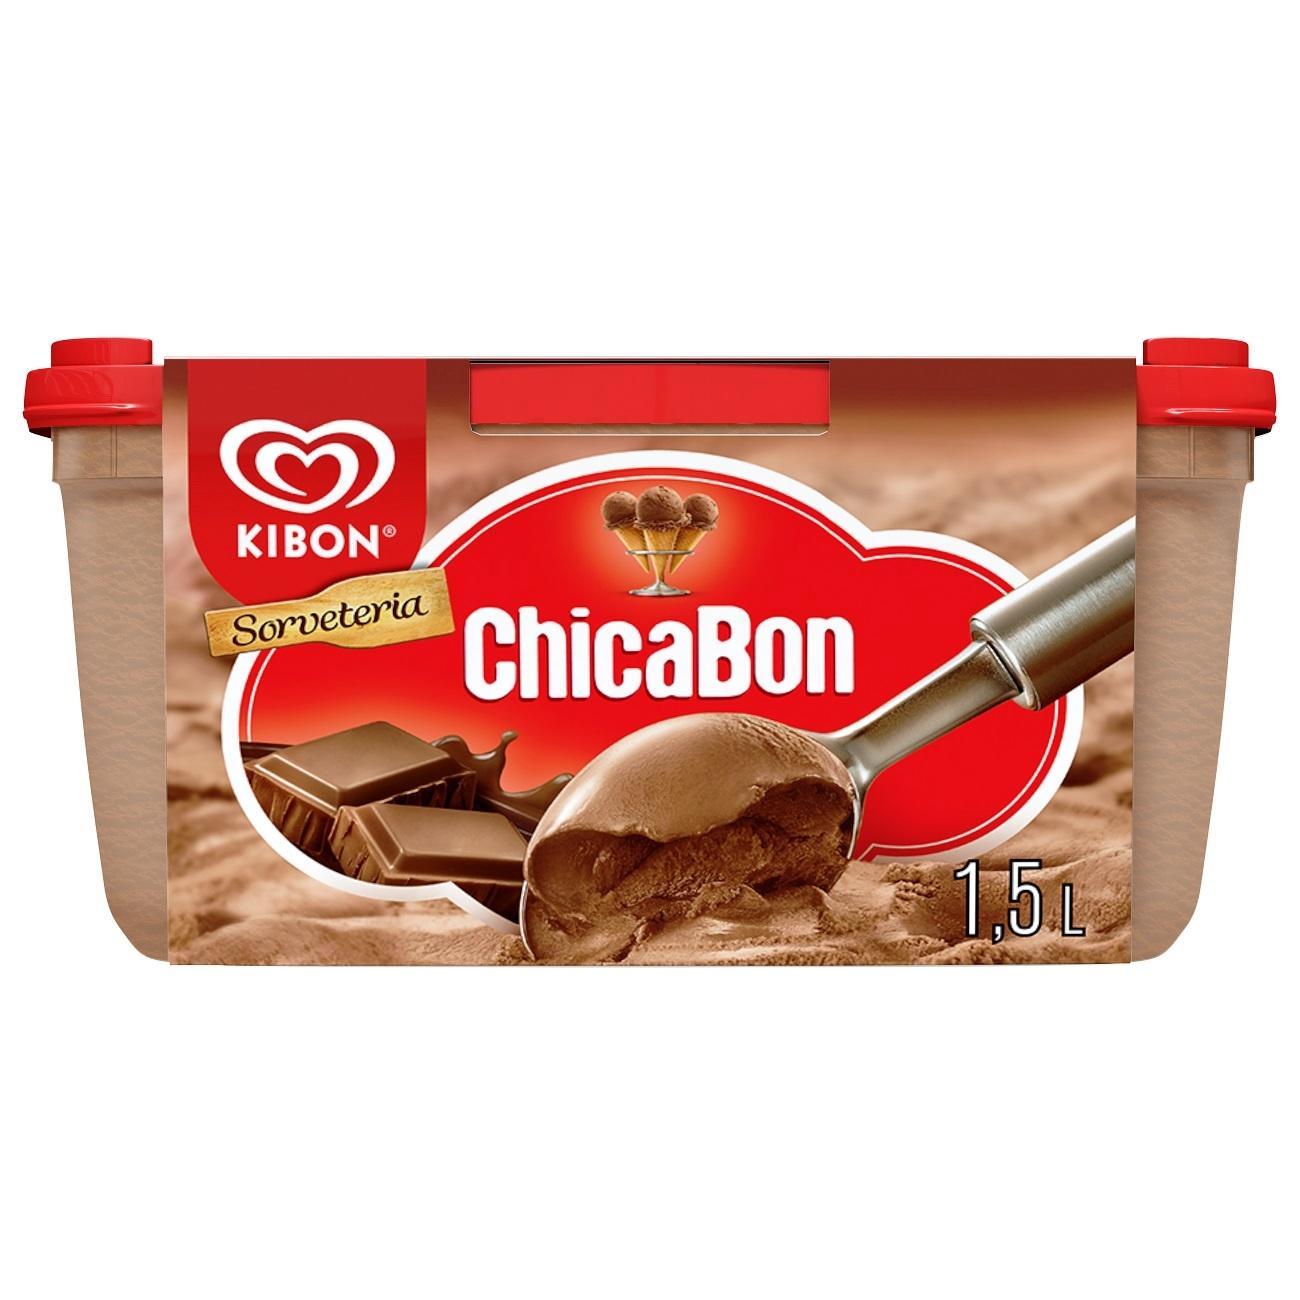 Sorvete Kibon Sorveteria Chicabon 1.3L   Caixa com 4